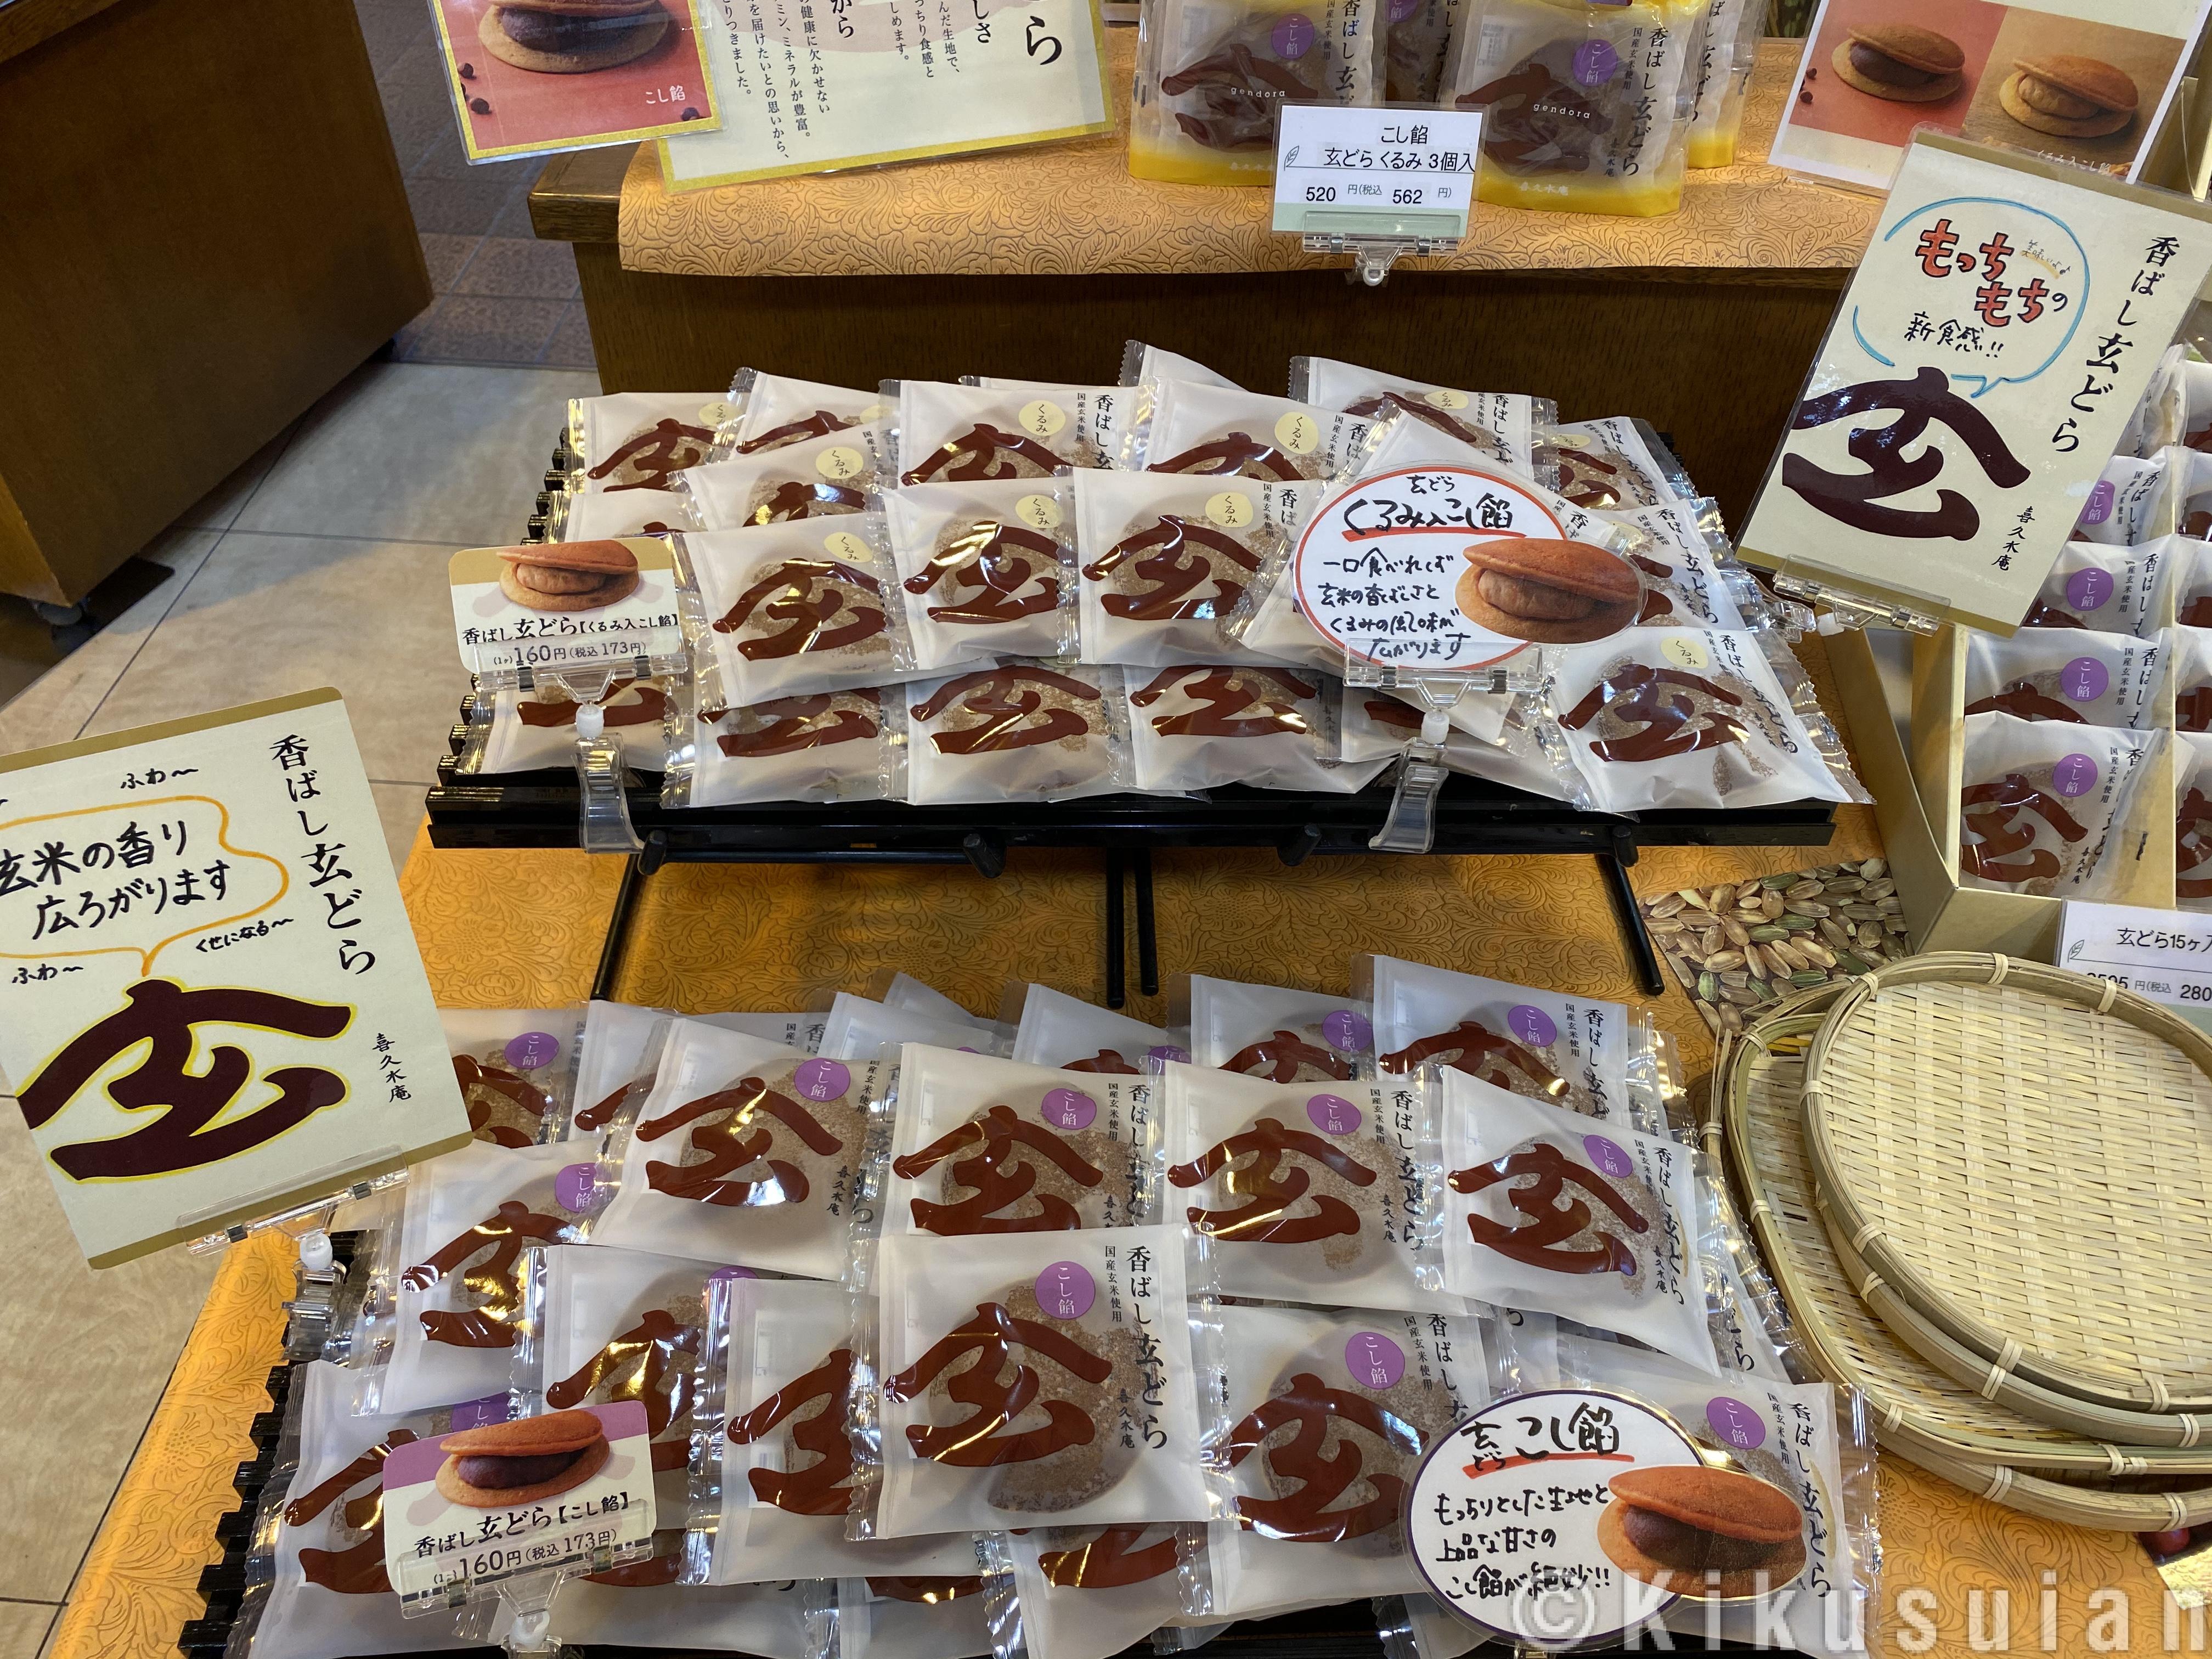 【南吉成店】今南吉成店で爆売れしてる商品はこれだよ(*^^*)